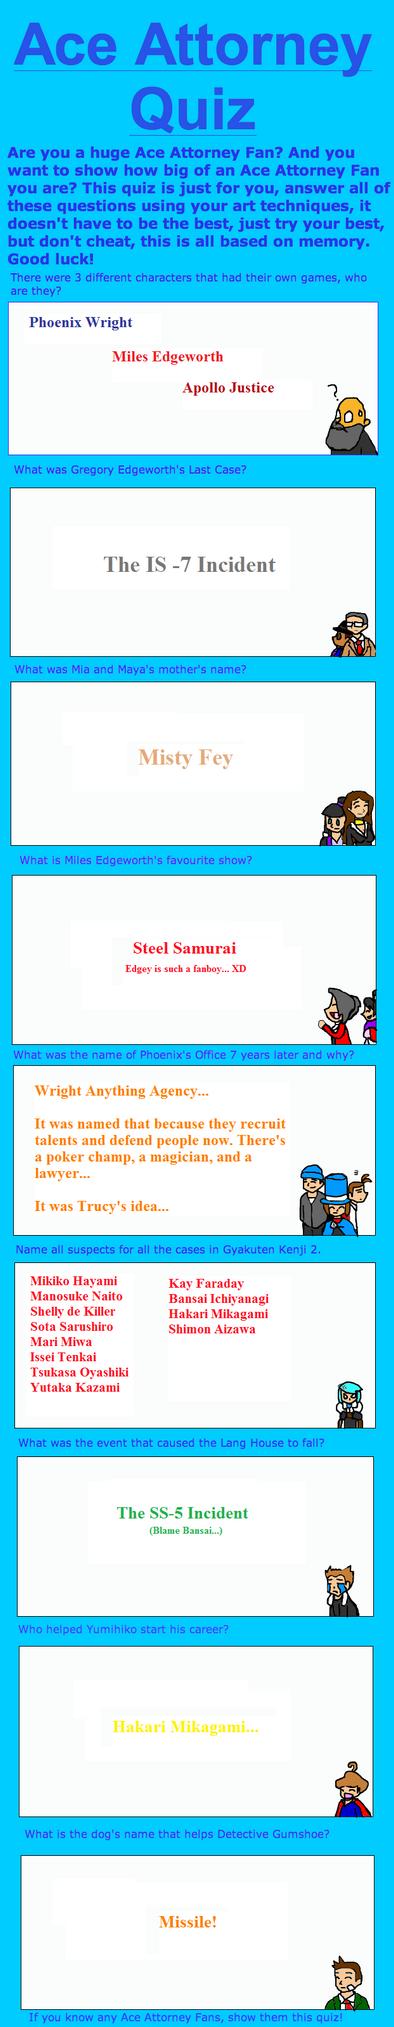 Ace Attorney Quiz by AmeftoDrawer